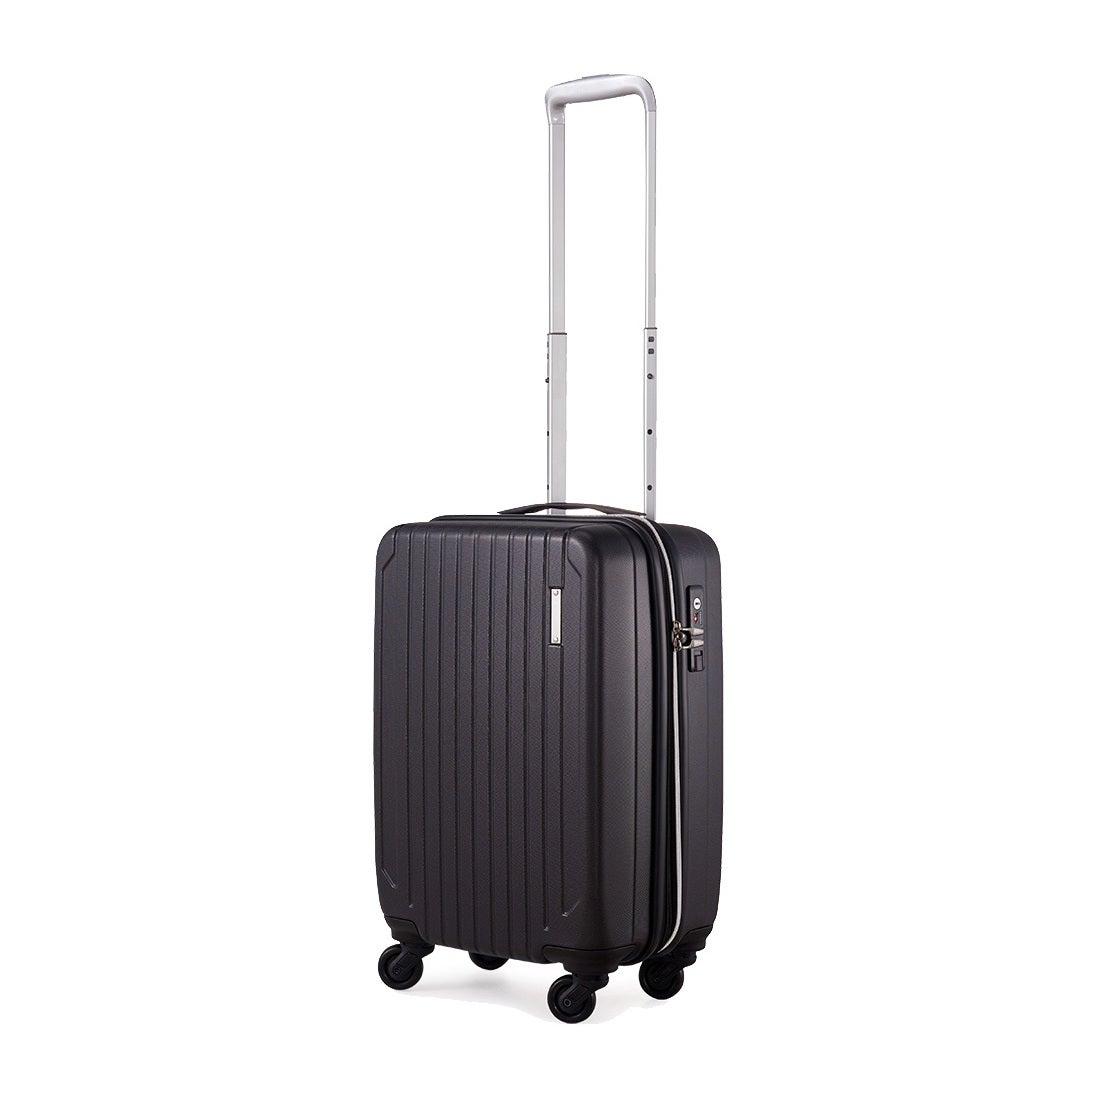 【SAC'S BAR】サンコー SUNCO スーツケース SAAS-46 46cm エンボスブラック メンズ